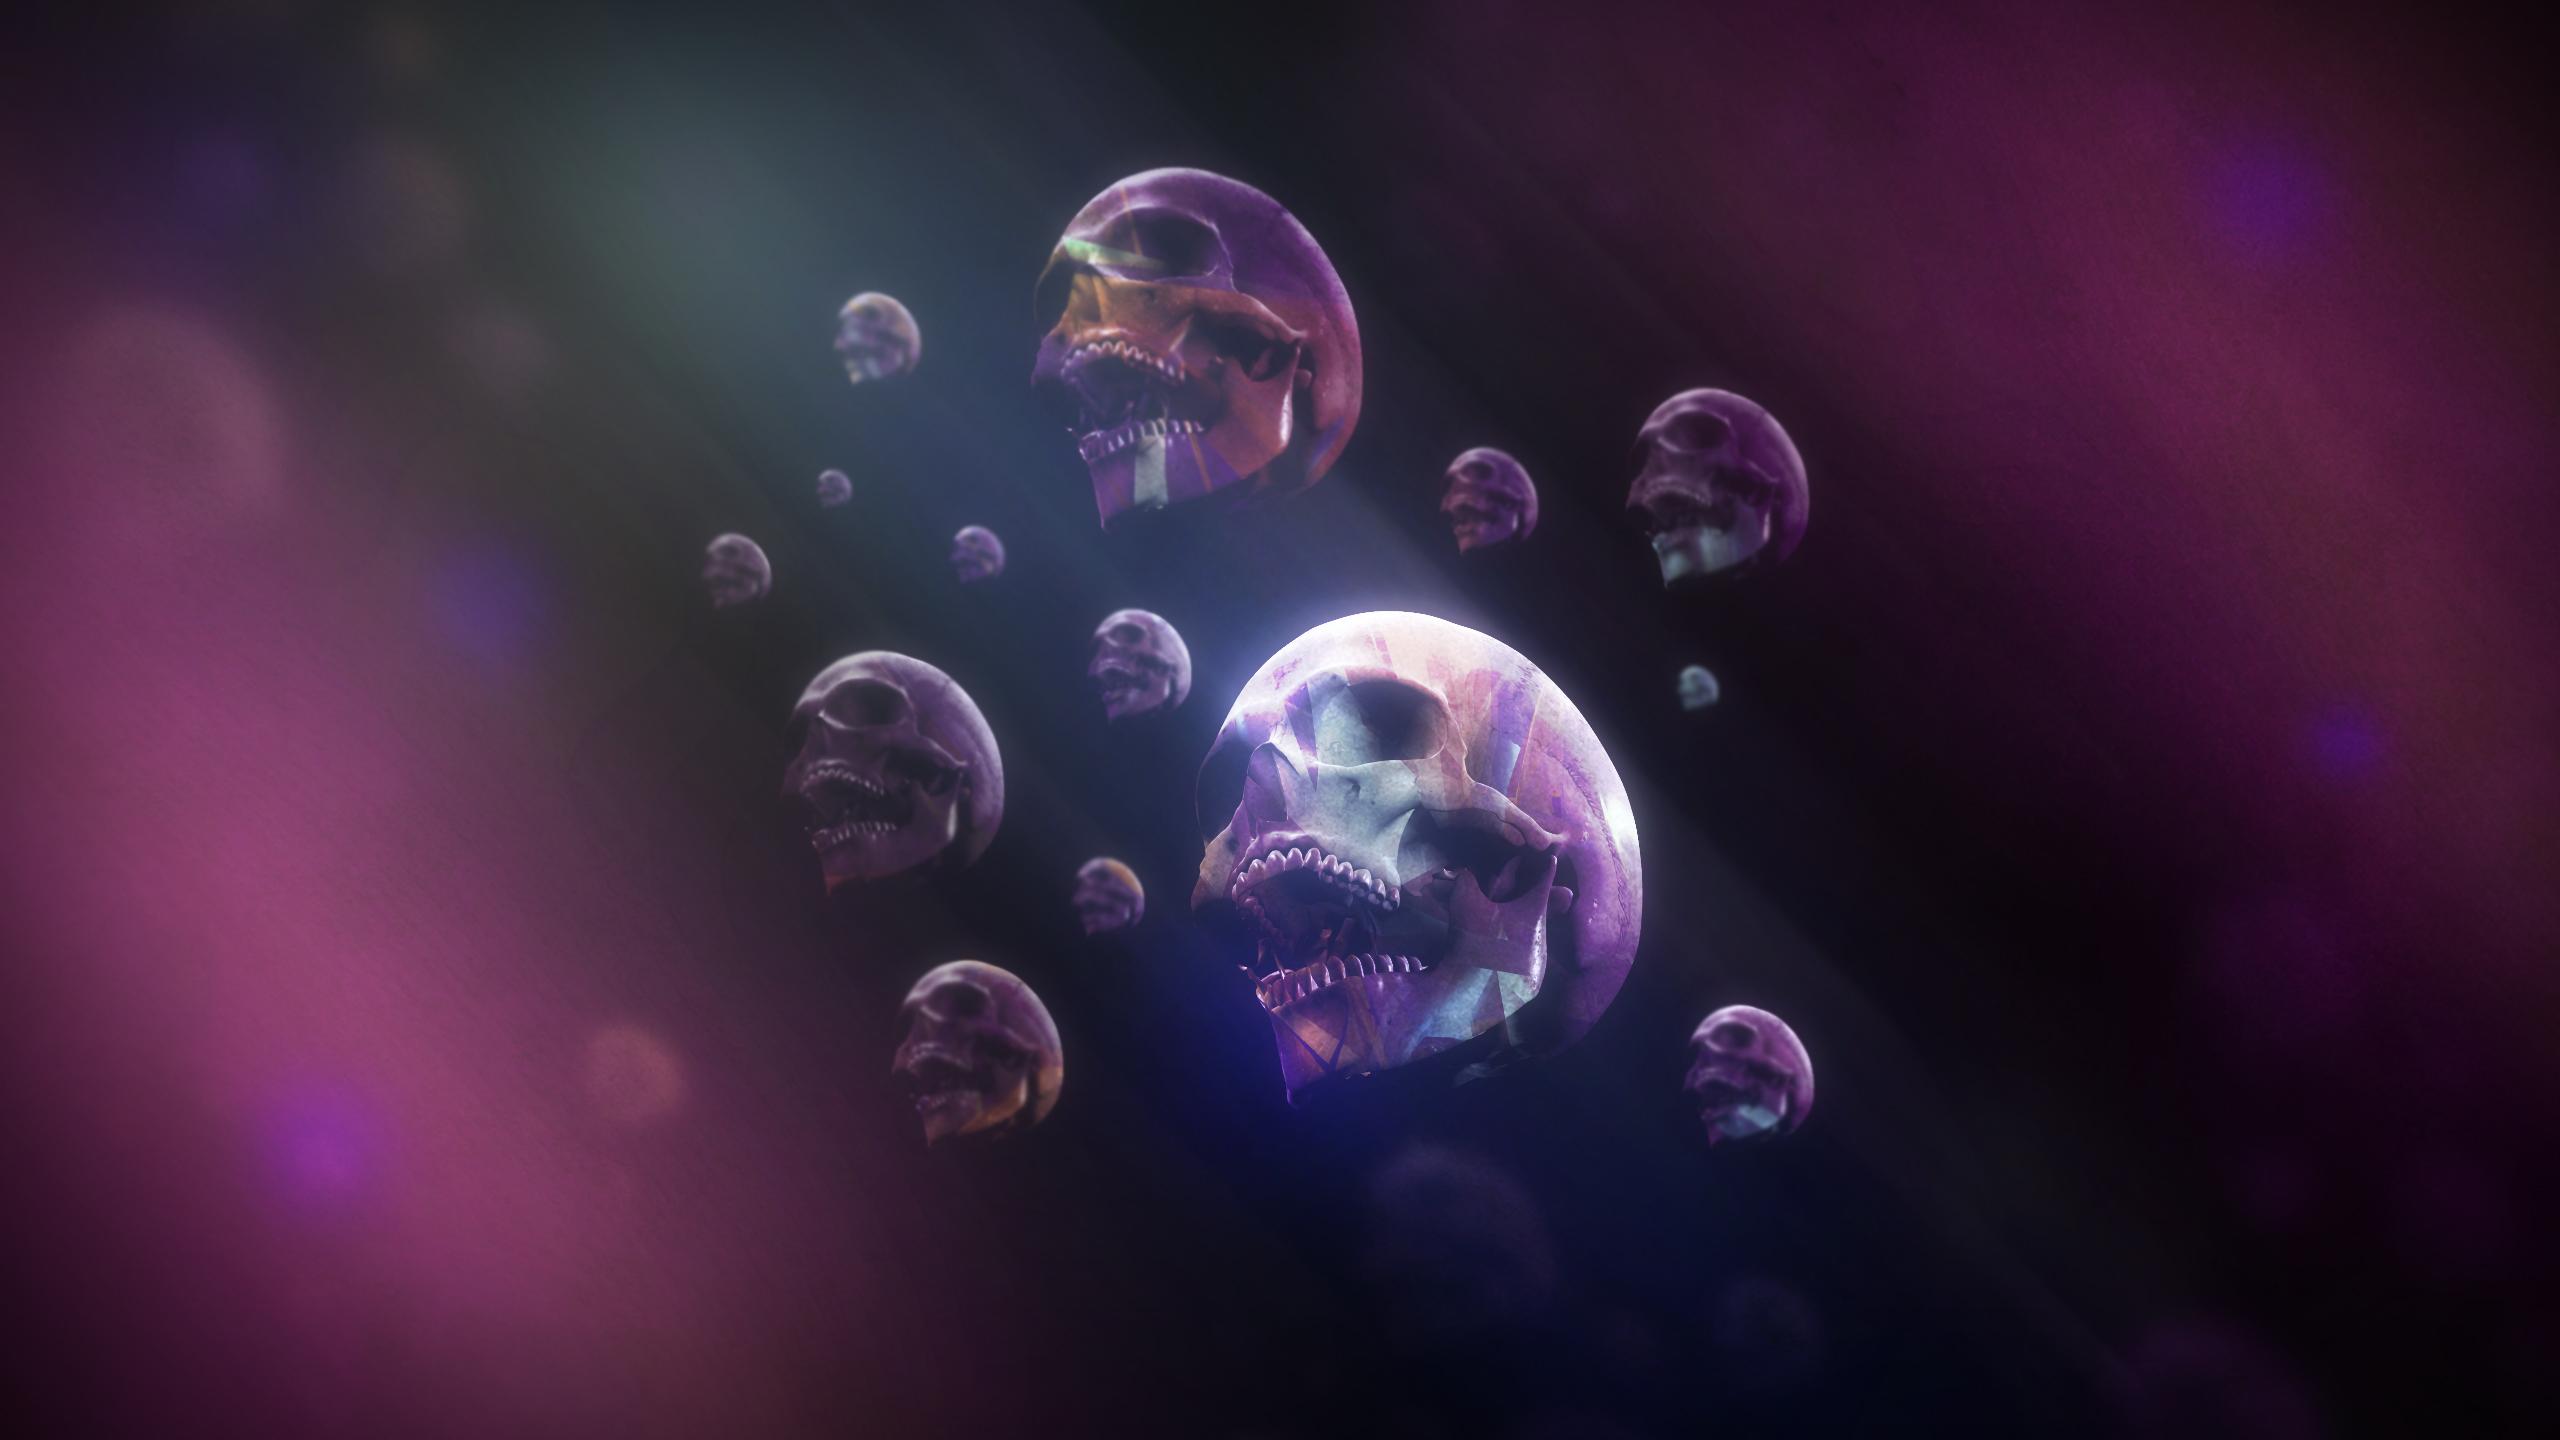 download wallpapers 2560x1600 skulls - photo #23